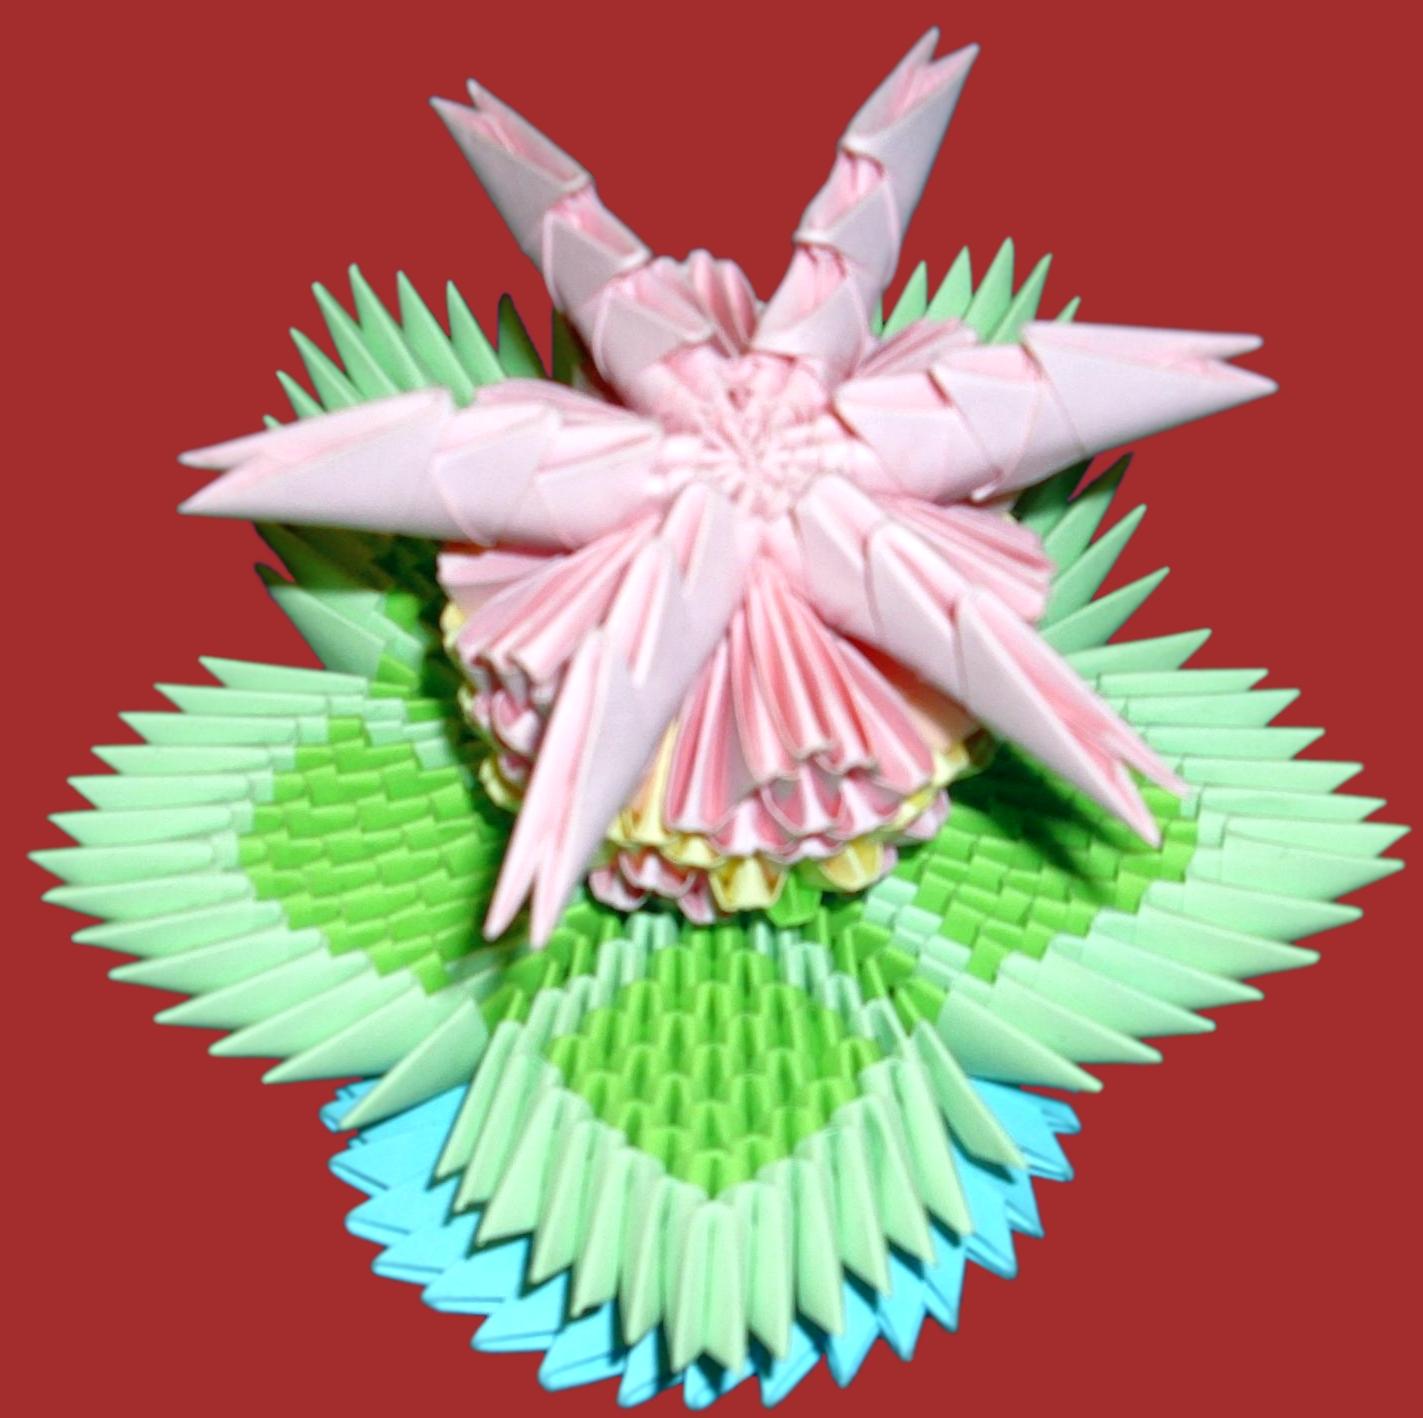 Origami Flower By Floorin333 On Deviantart